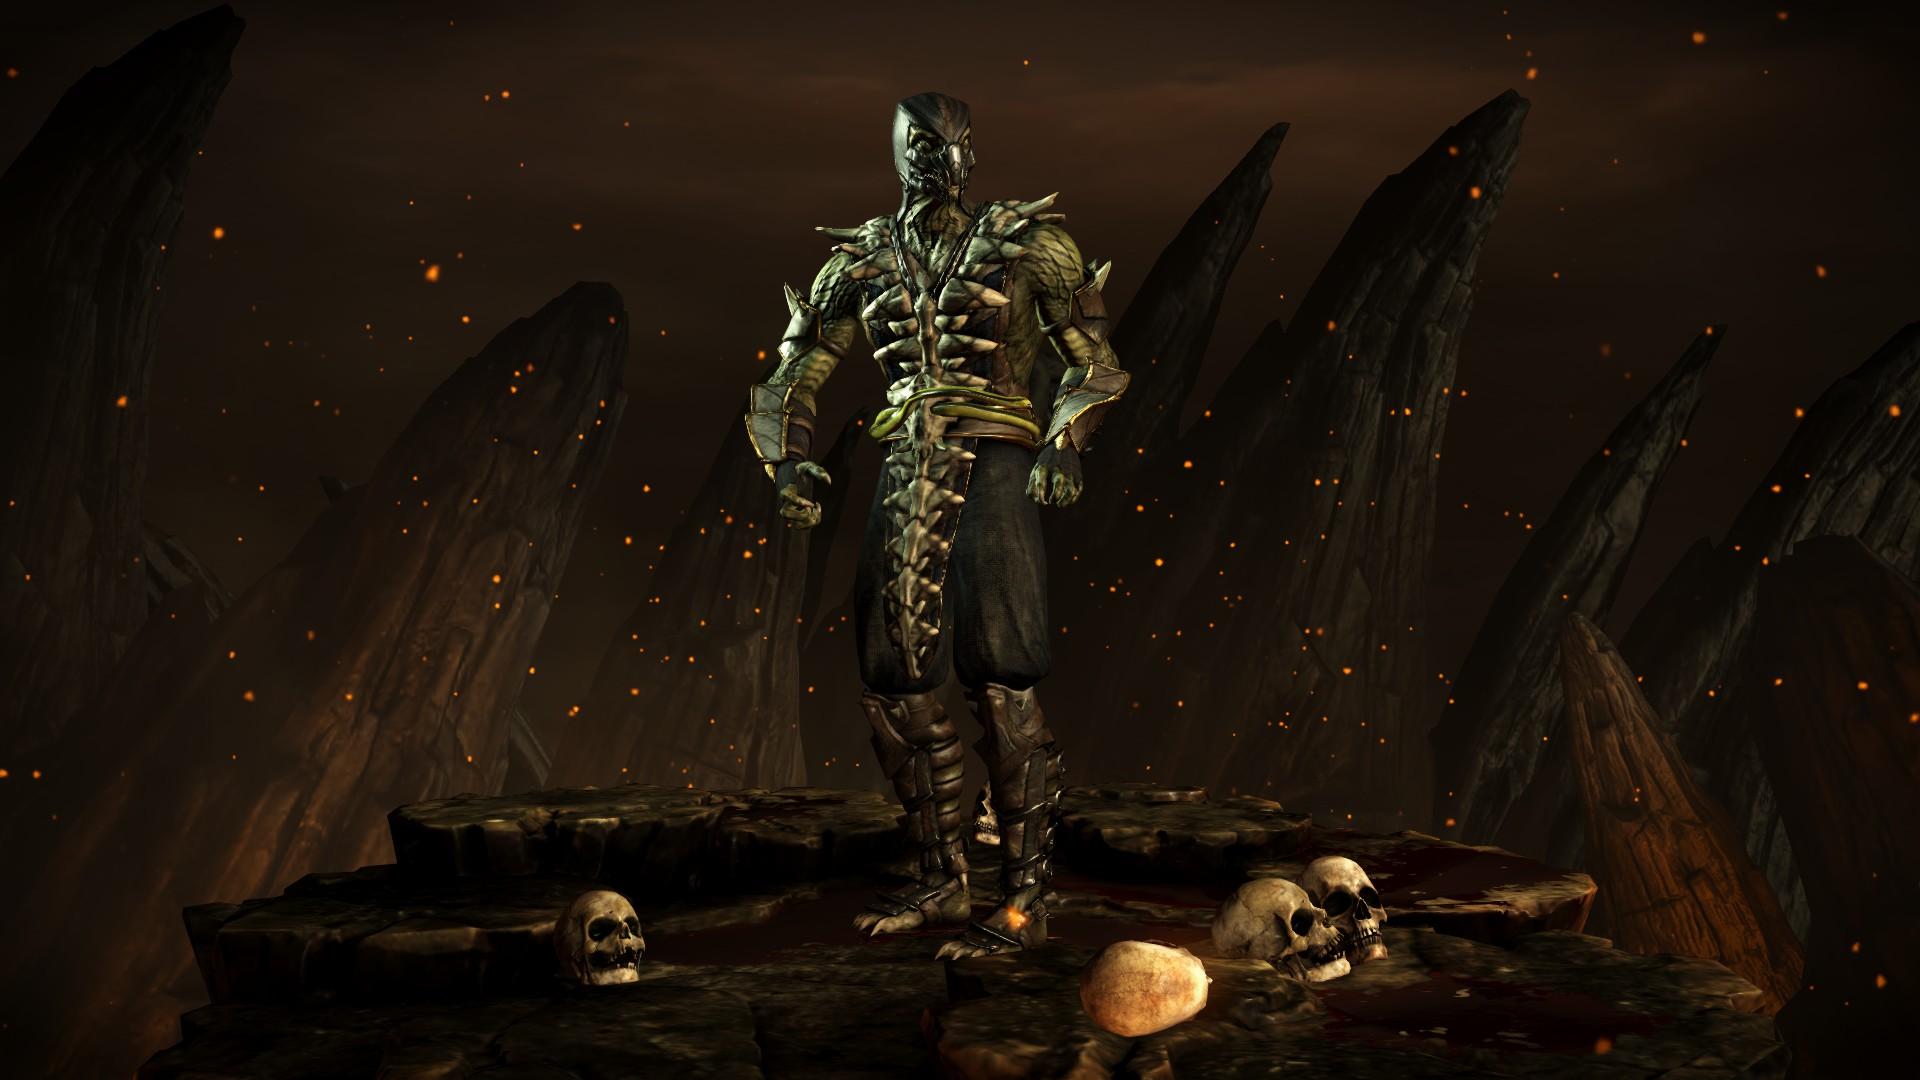 Рептилия (Стиль: Ловкий) - Mortal Kombat X